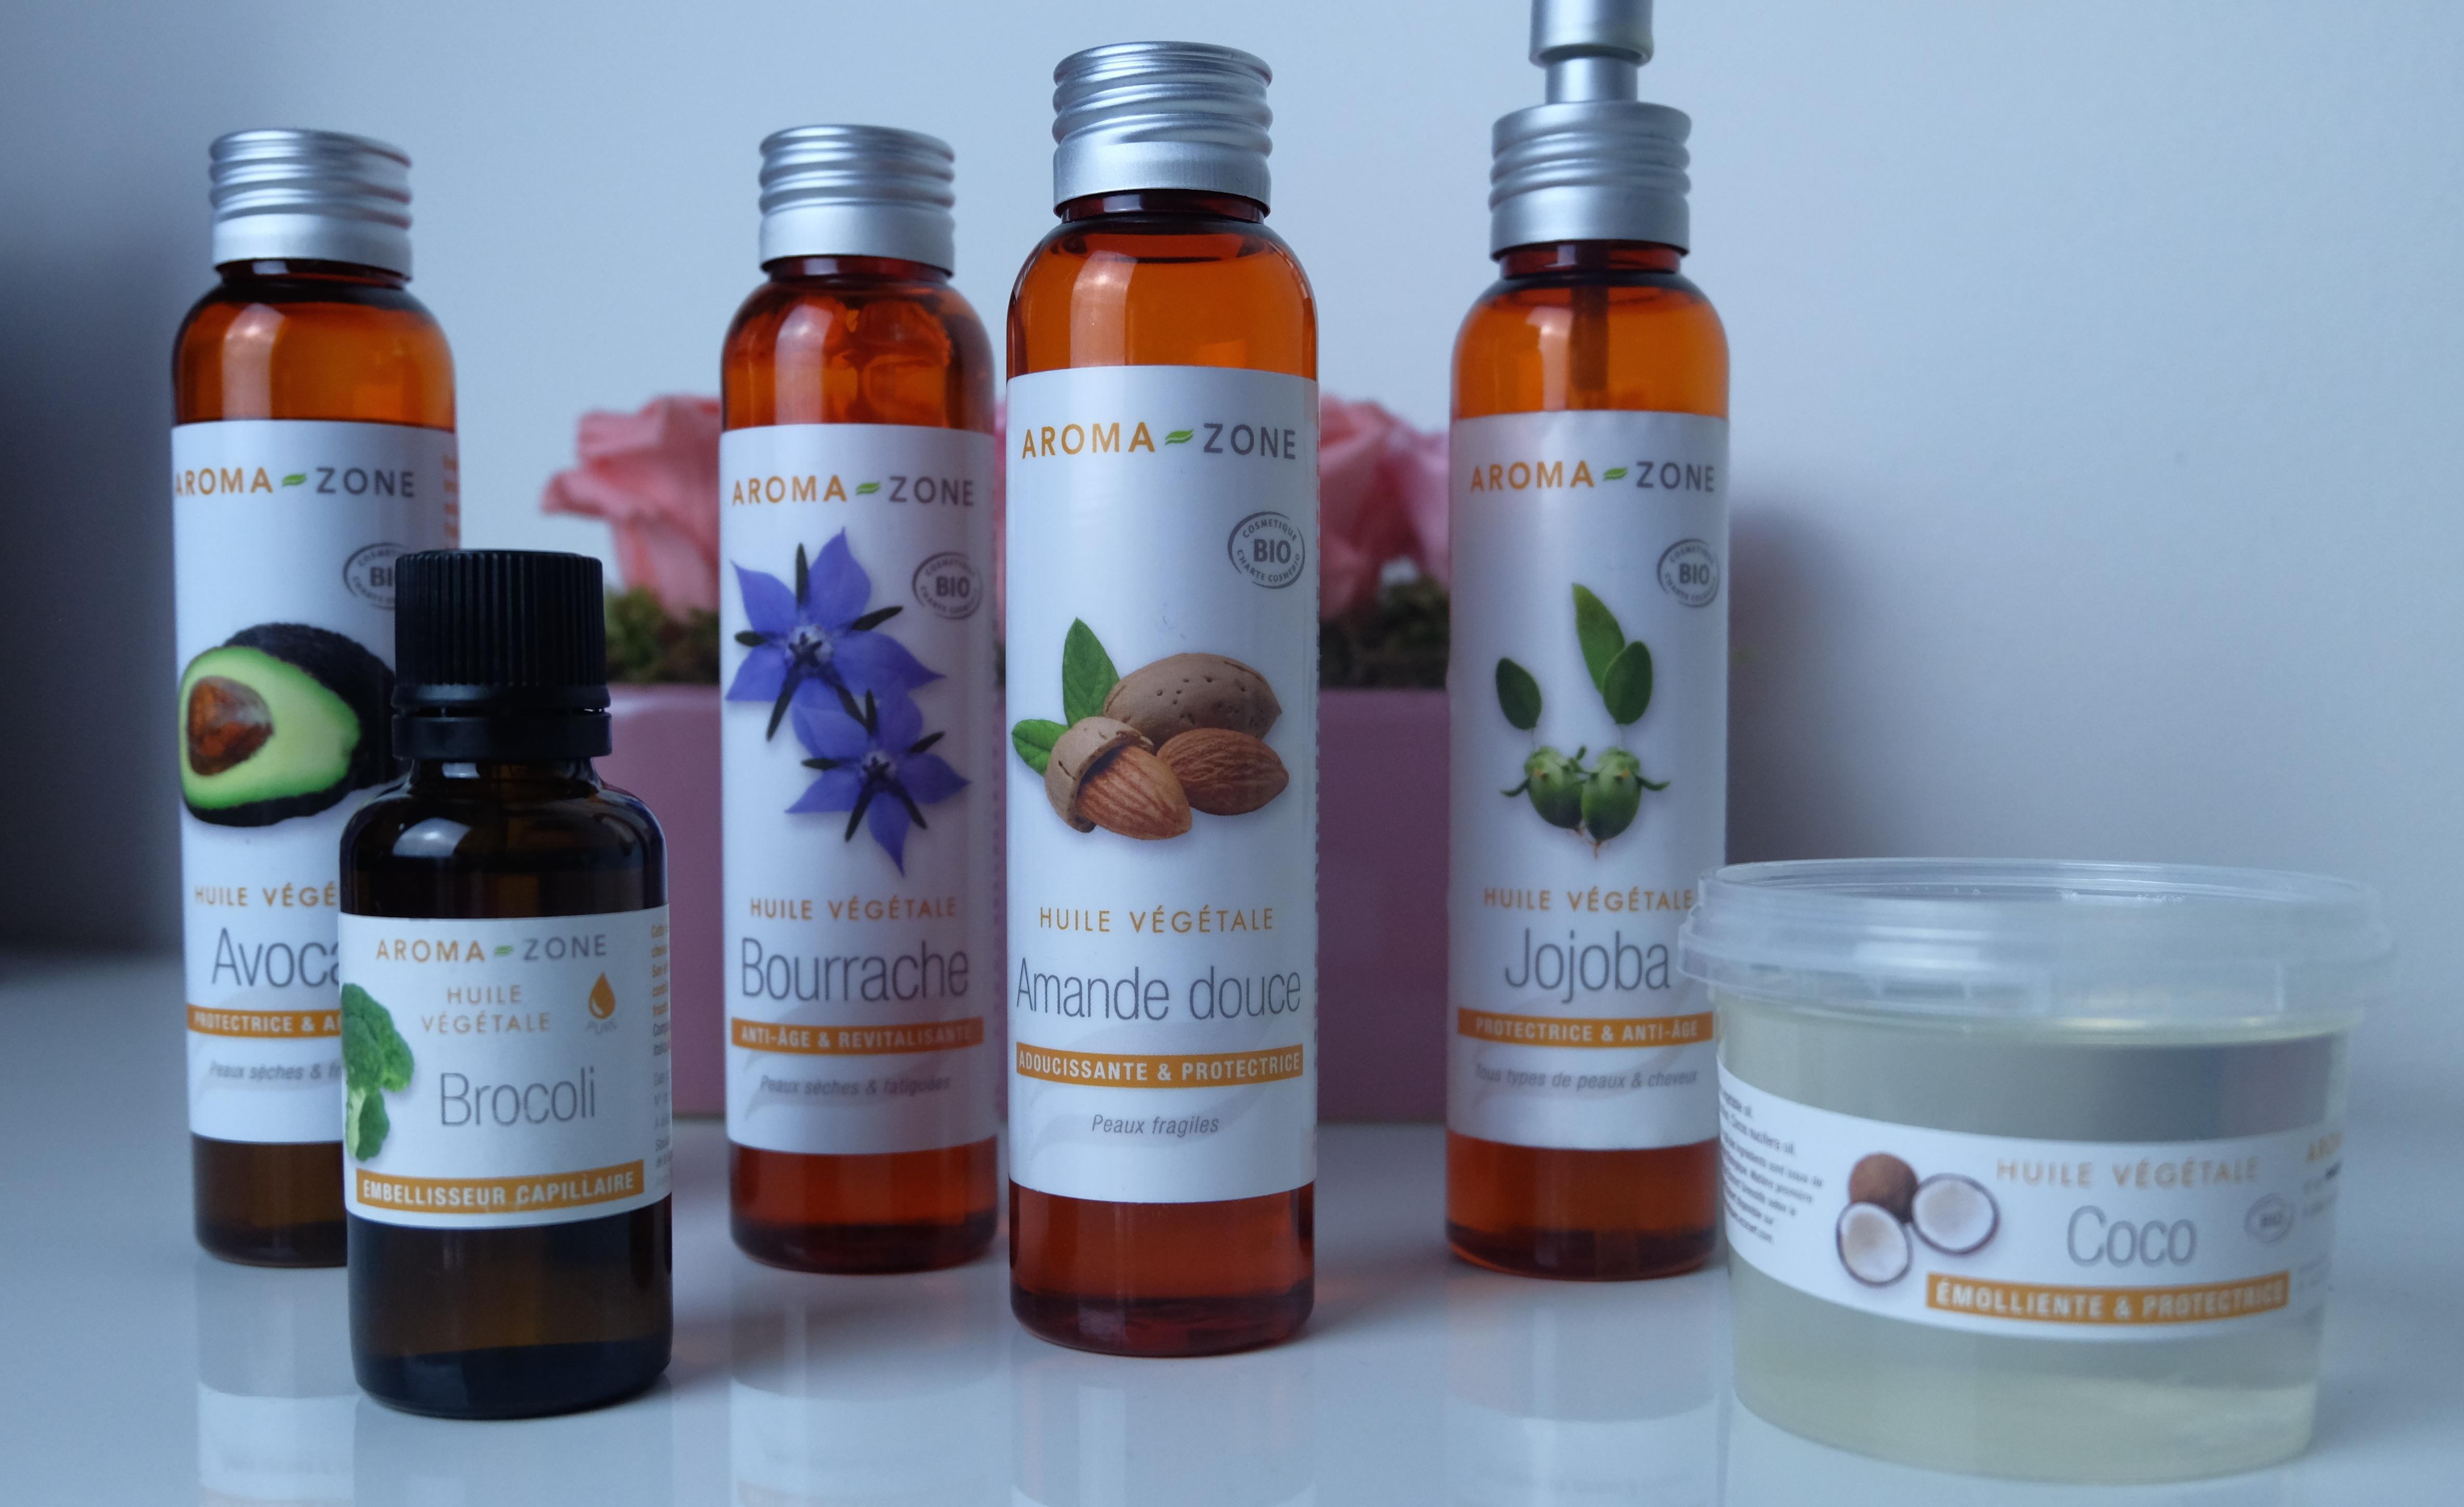 huile vegetale aroma zone avis